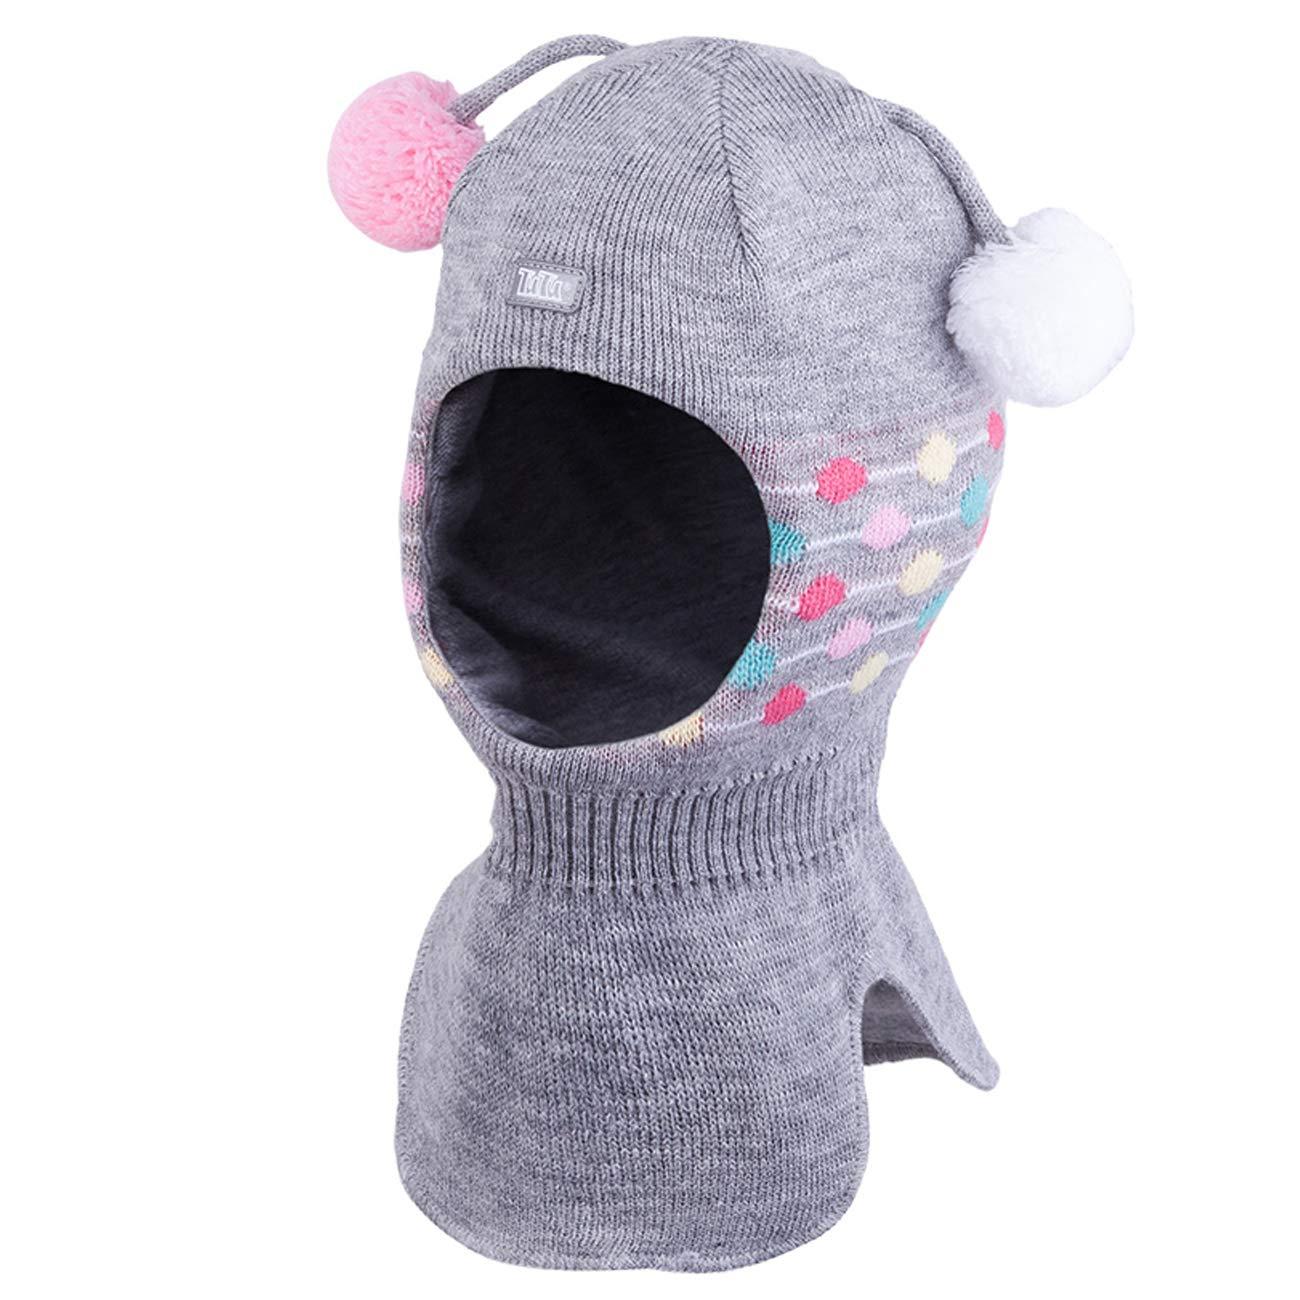 Galeja TuTu Kinder Schlupfmütze Mädchenmütze Winter Mütze Baumwollfutter mit Stirnschutz + Ohren Membran 3-004274